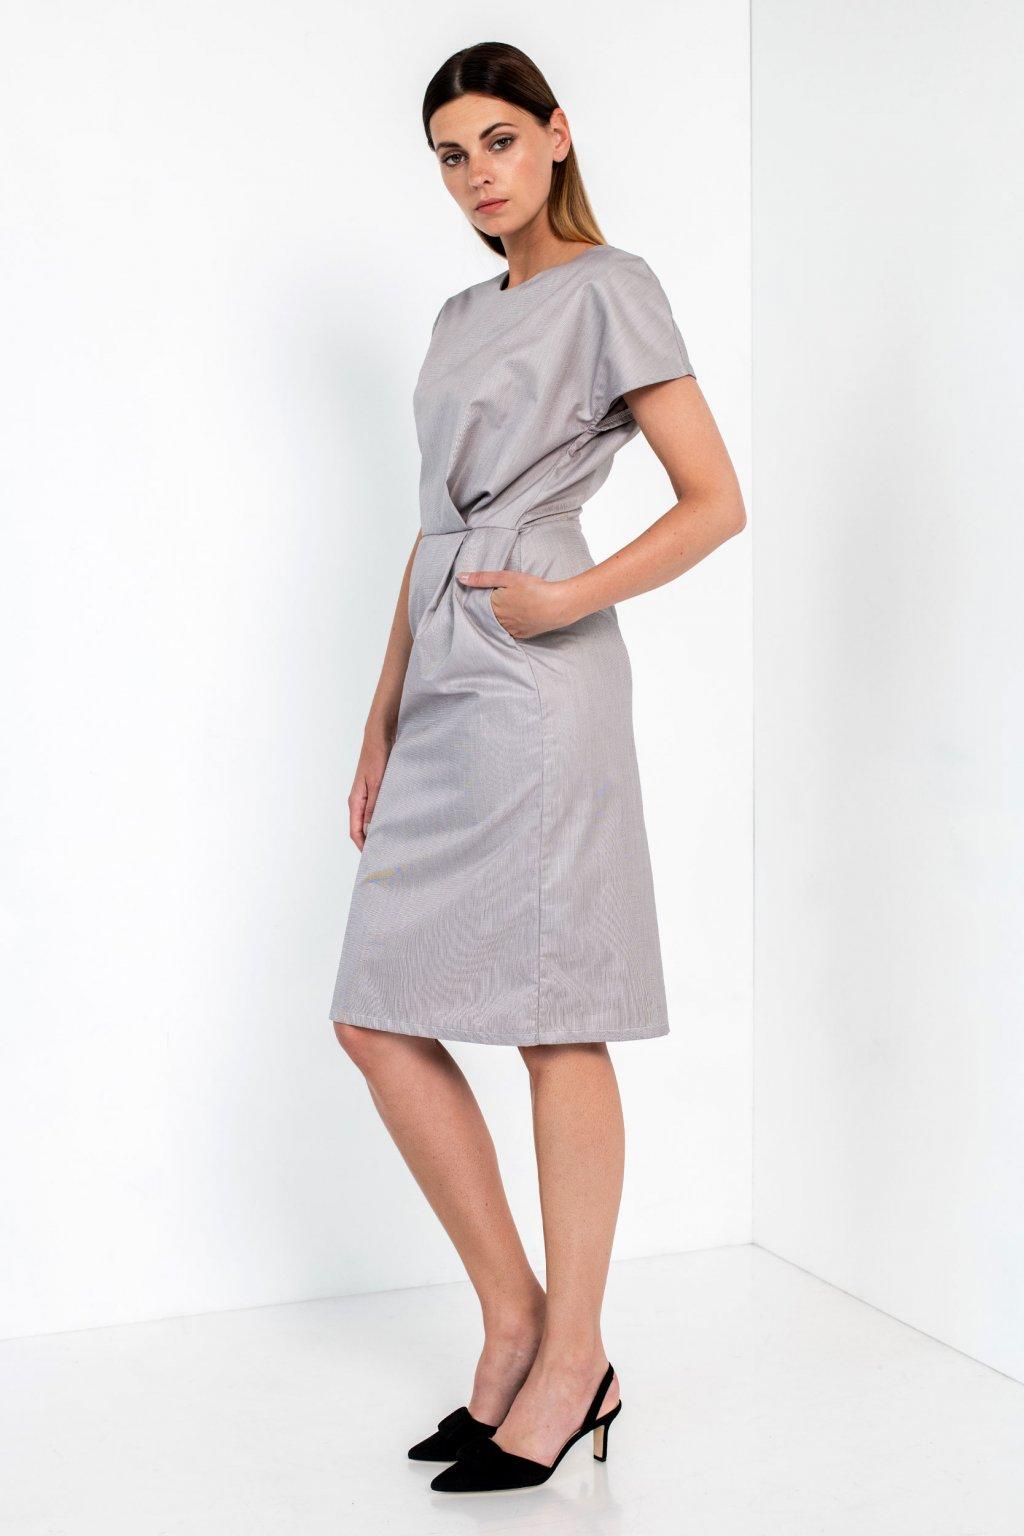 ZIK Šaty so záhybmi v páse (2)